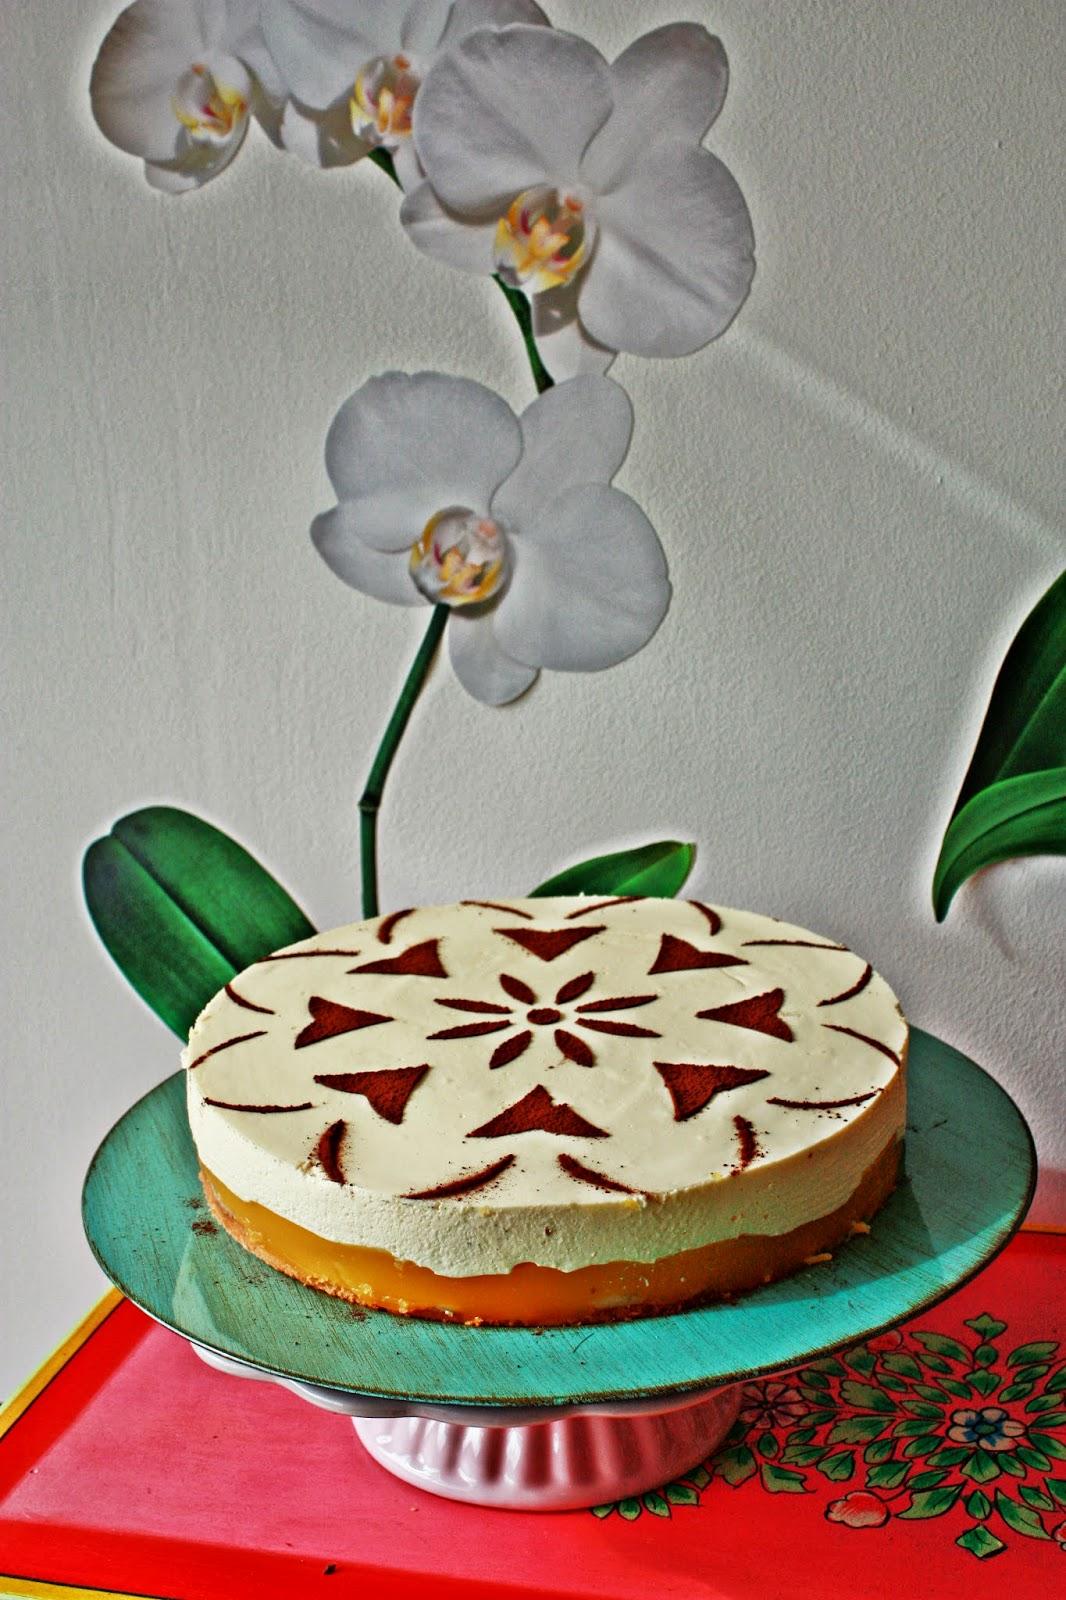 Bananen Maracuja Torte mit Eierlikör Schmand Topping